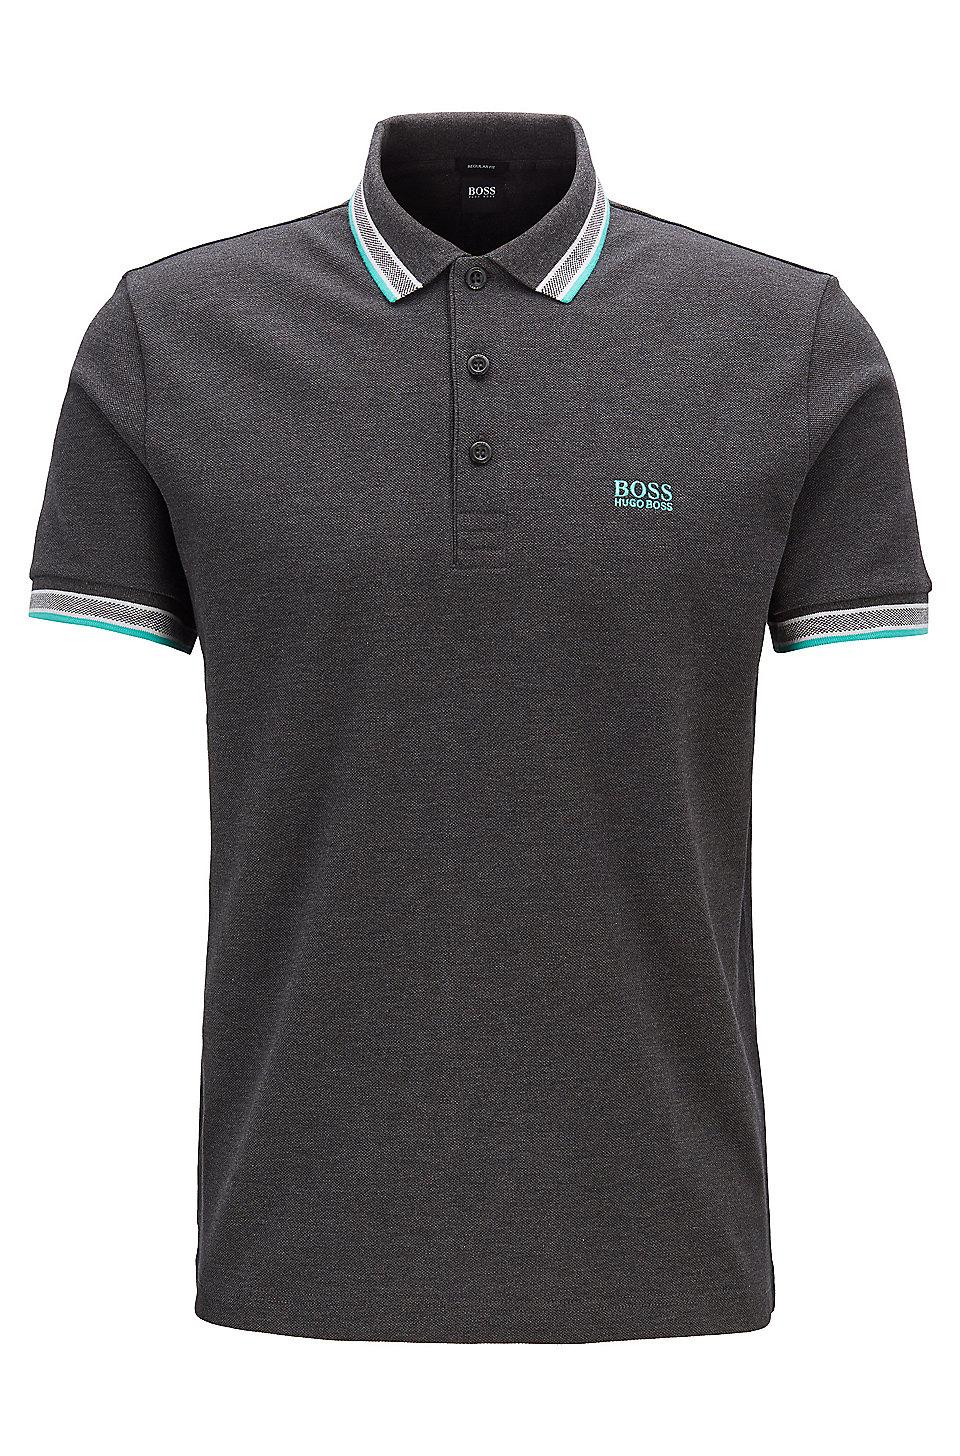 bfbb0d1f9607 BOSS - Cotton-piqué polo shirt with logo undercollar